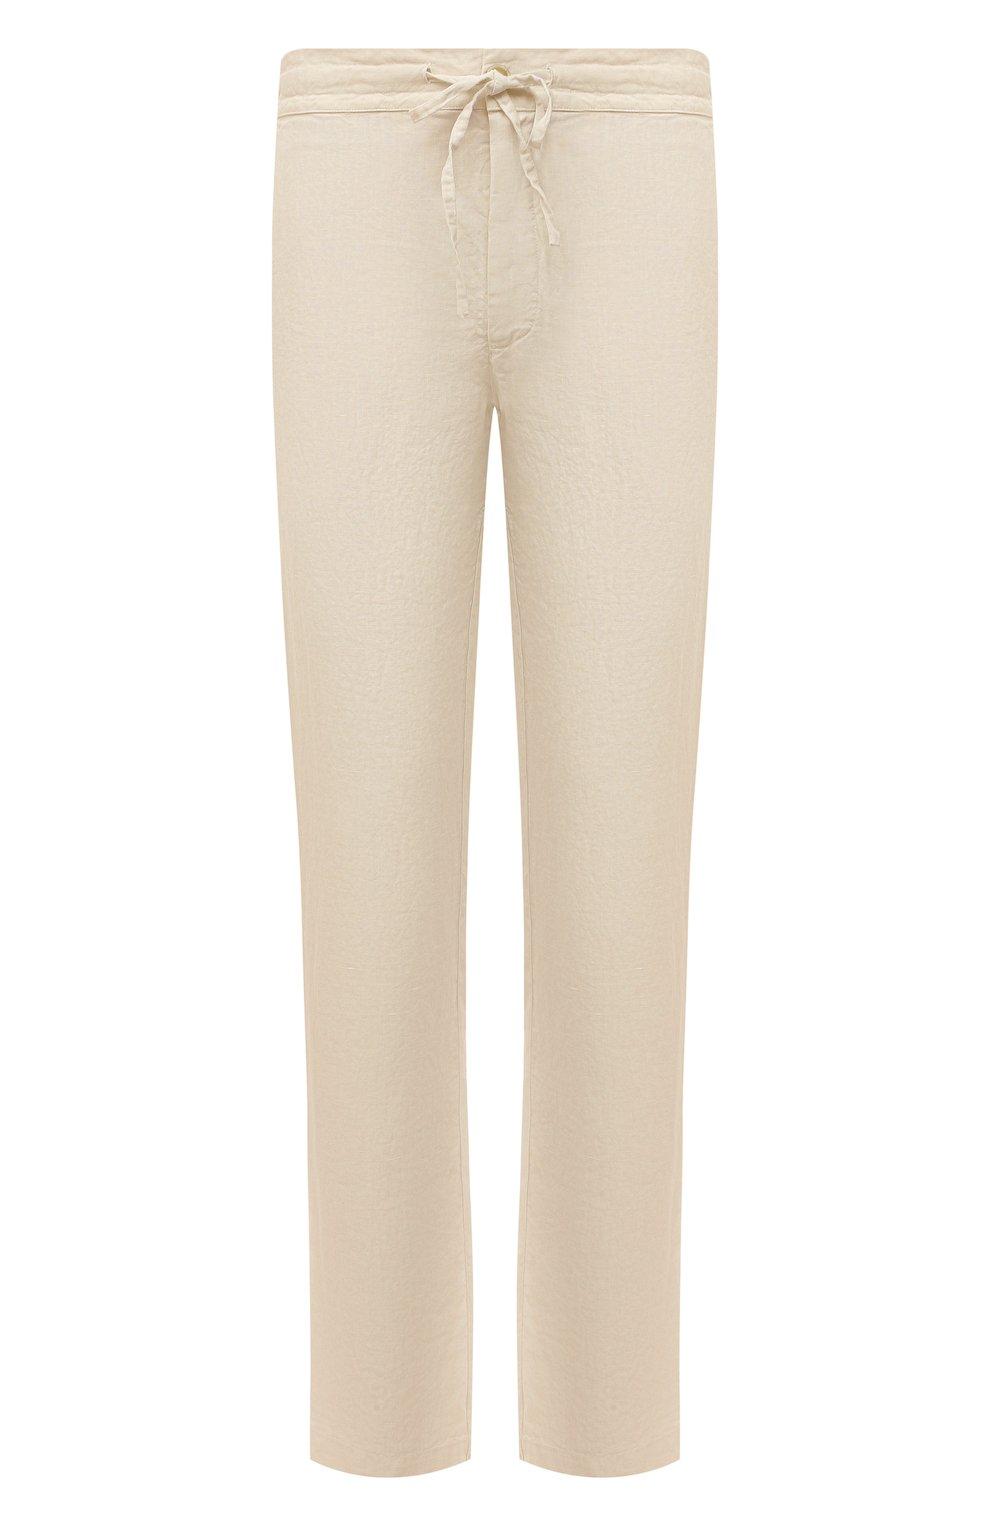 Мужские льняные брюки 120% LINO бежевого цвета, арт. T0M299M/0253/000   Фото 1 (Длина (брюки, джинсы): Стандартные; Случай: Повседневный; Материал внешний: Лен; Стили: Кэжуэл)